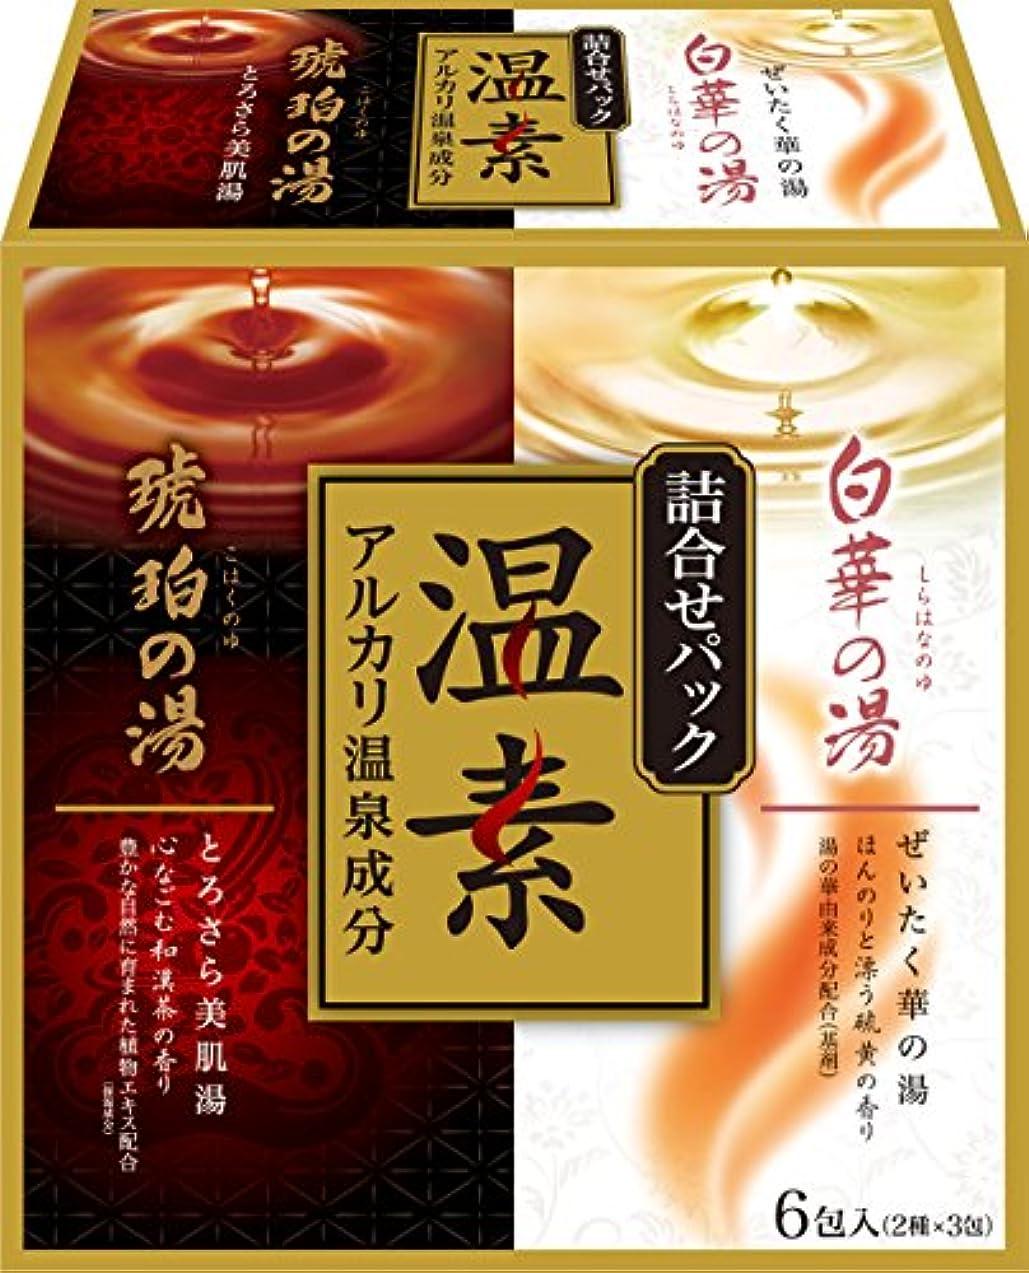 任命するアデレード子孫アース製薬 温素 琥珀の湯&白華の湯 詰合せパック 6包(各3包)